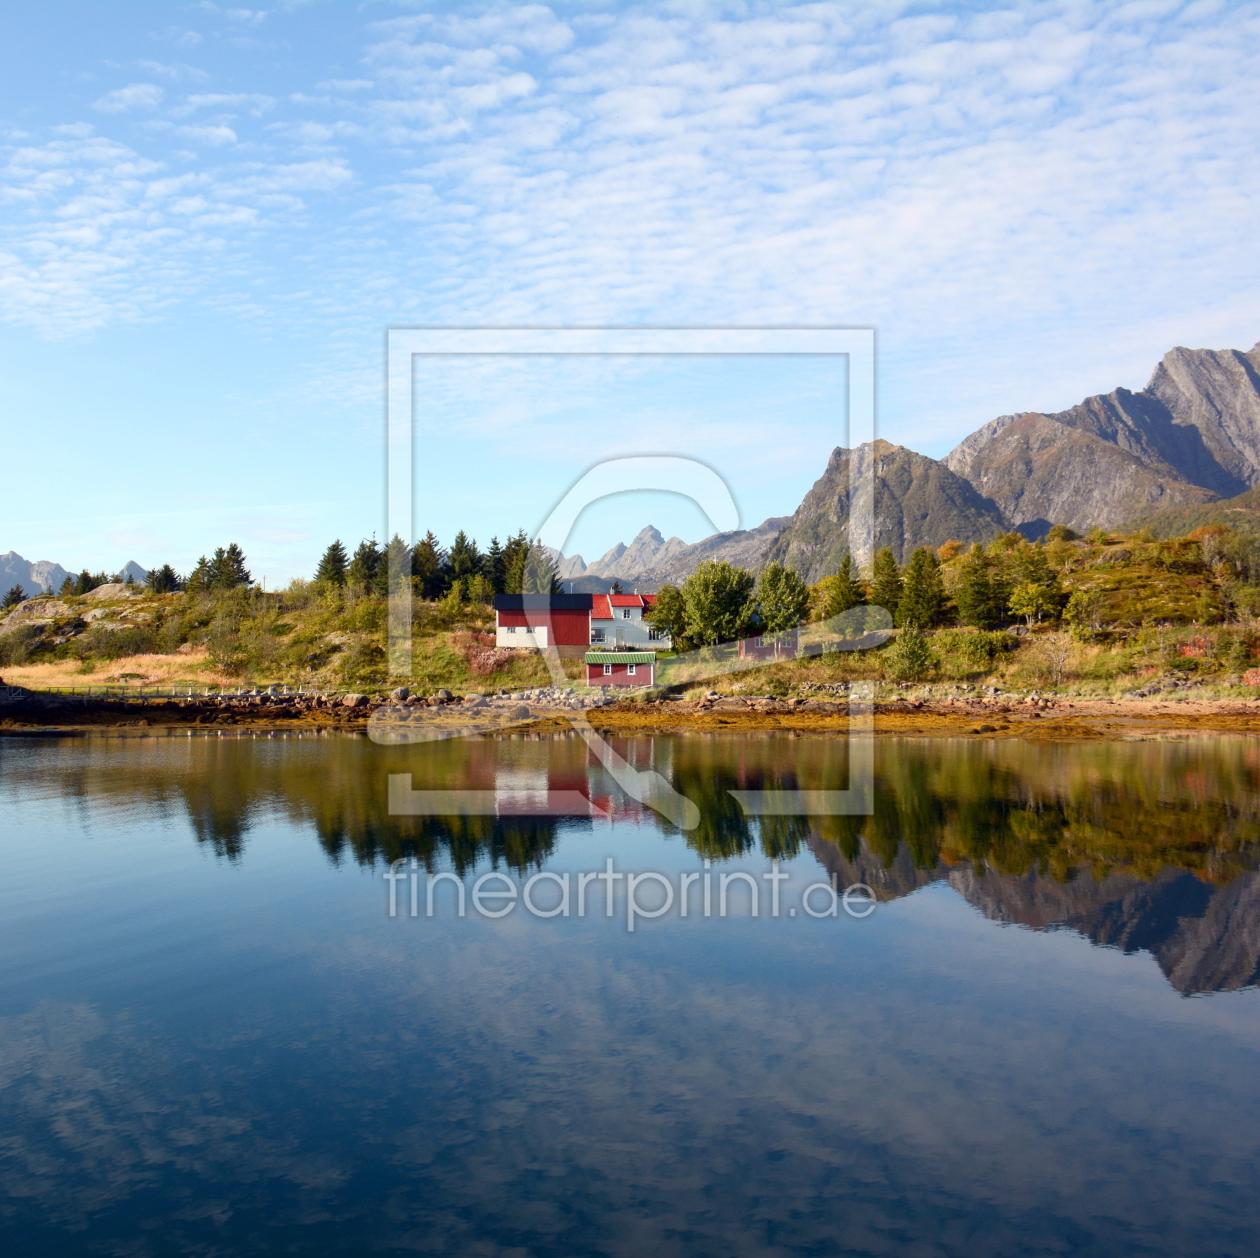 Wohnen am Fjord als Tasse von GUGIGEI erhältlich bei Fine